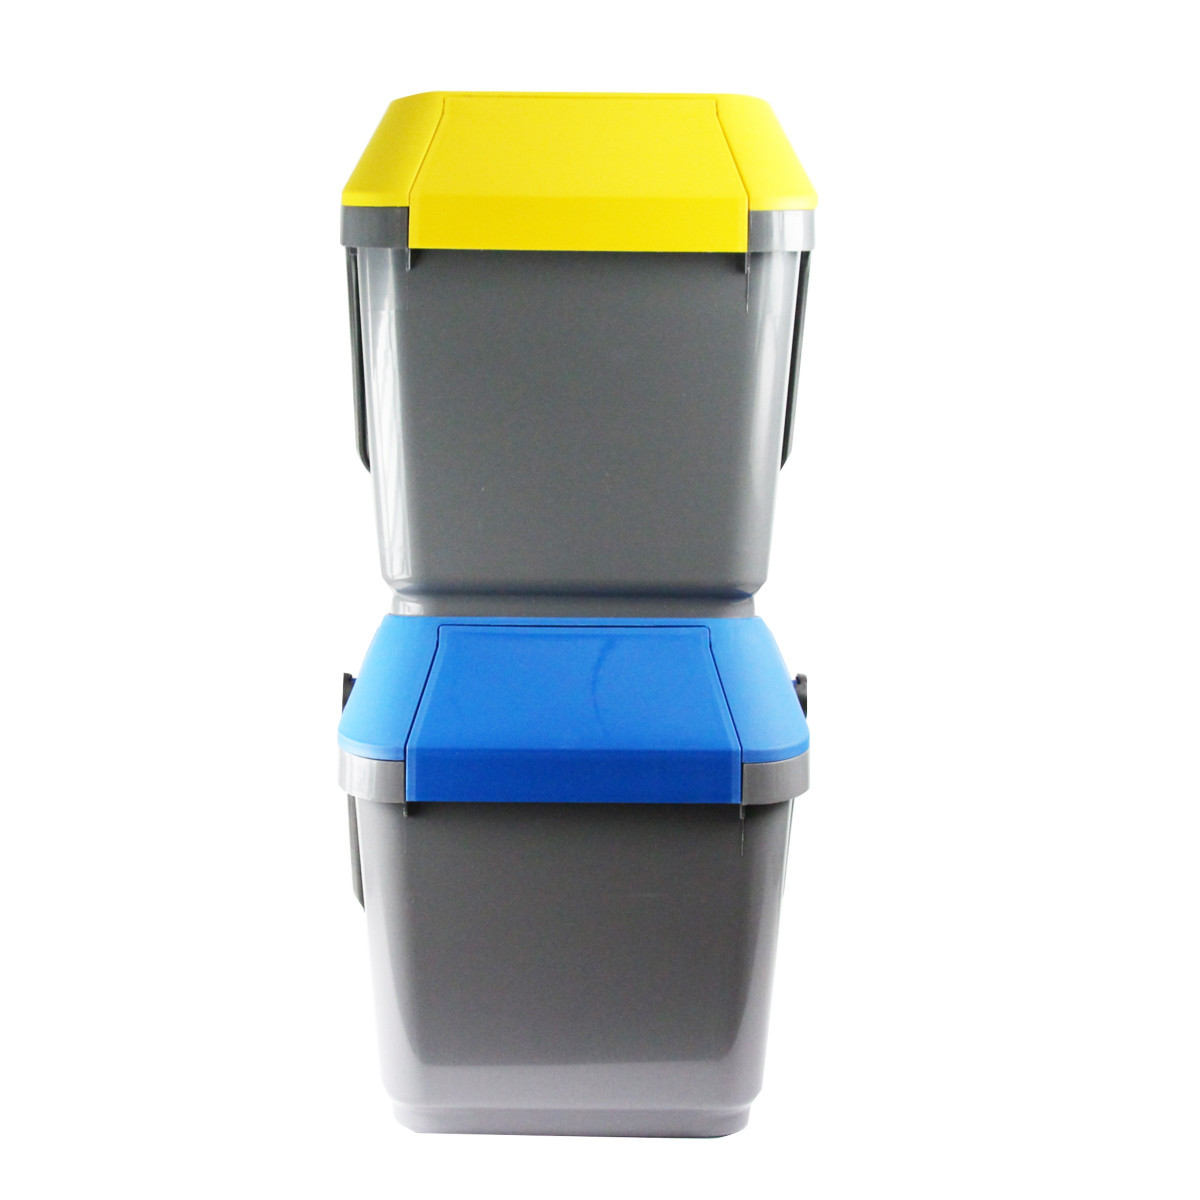 Poubelle De Cuisine Jaune - Poubelle de recyclage grise et jaune ...